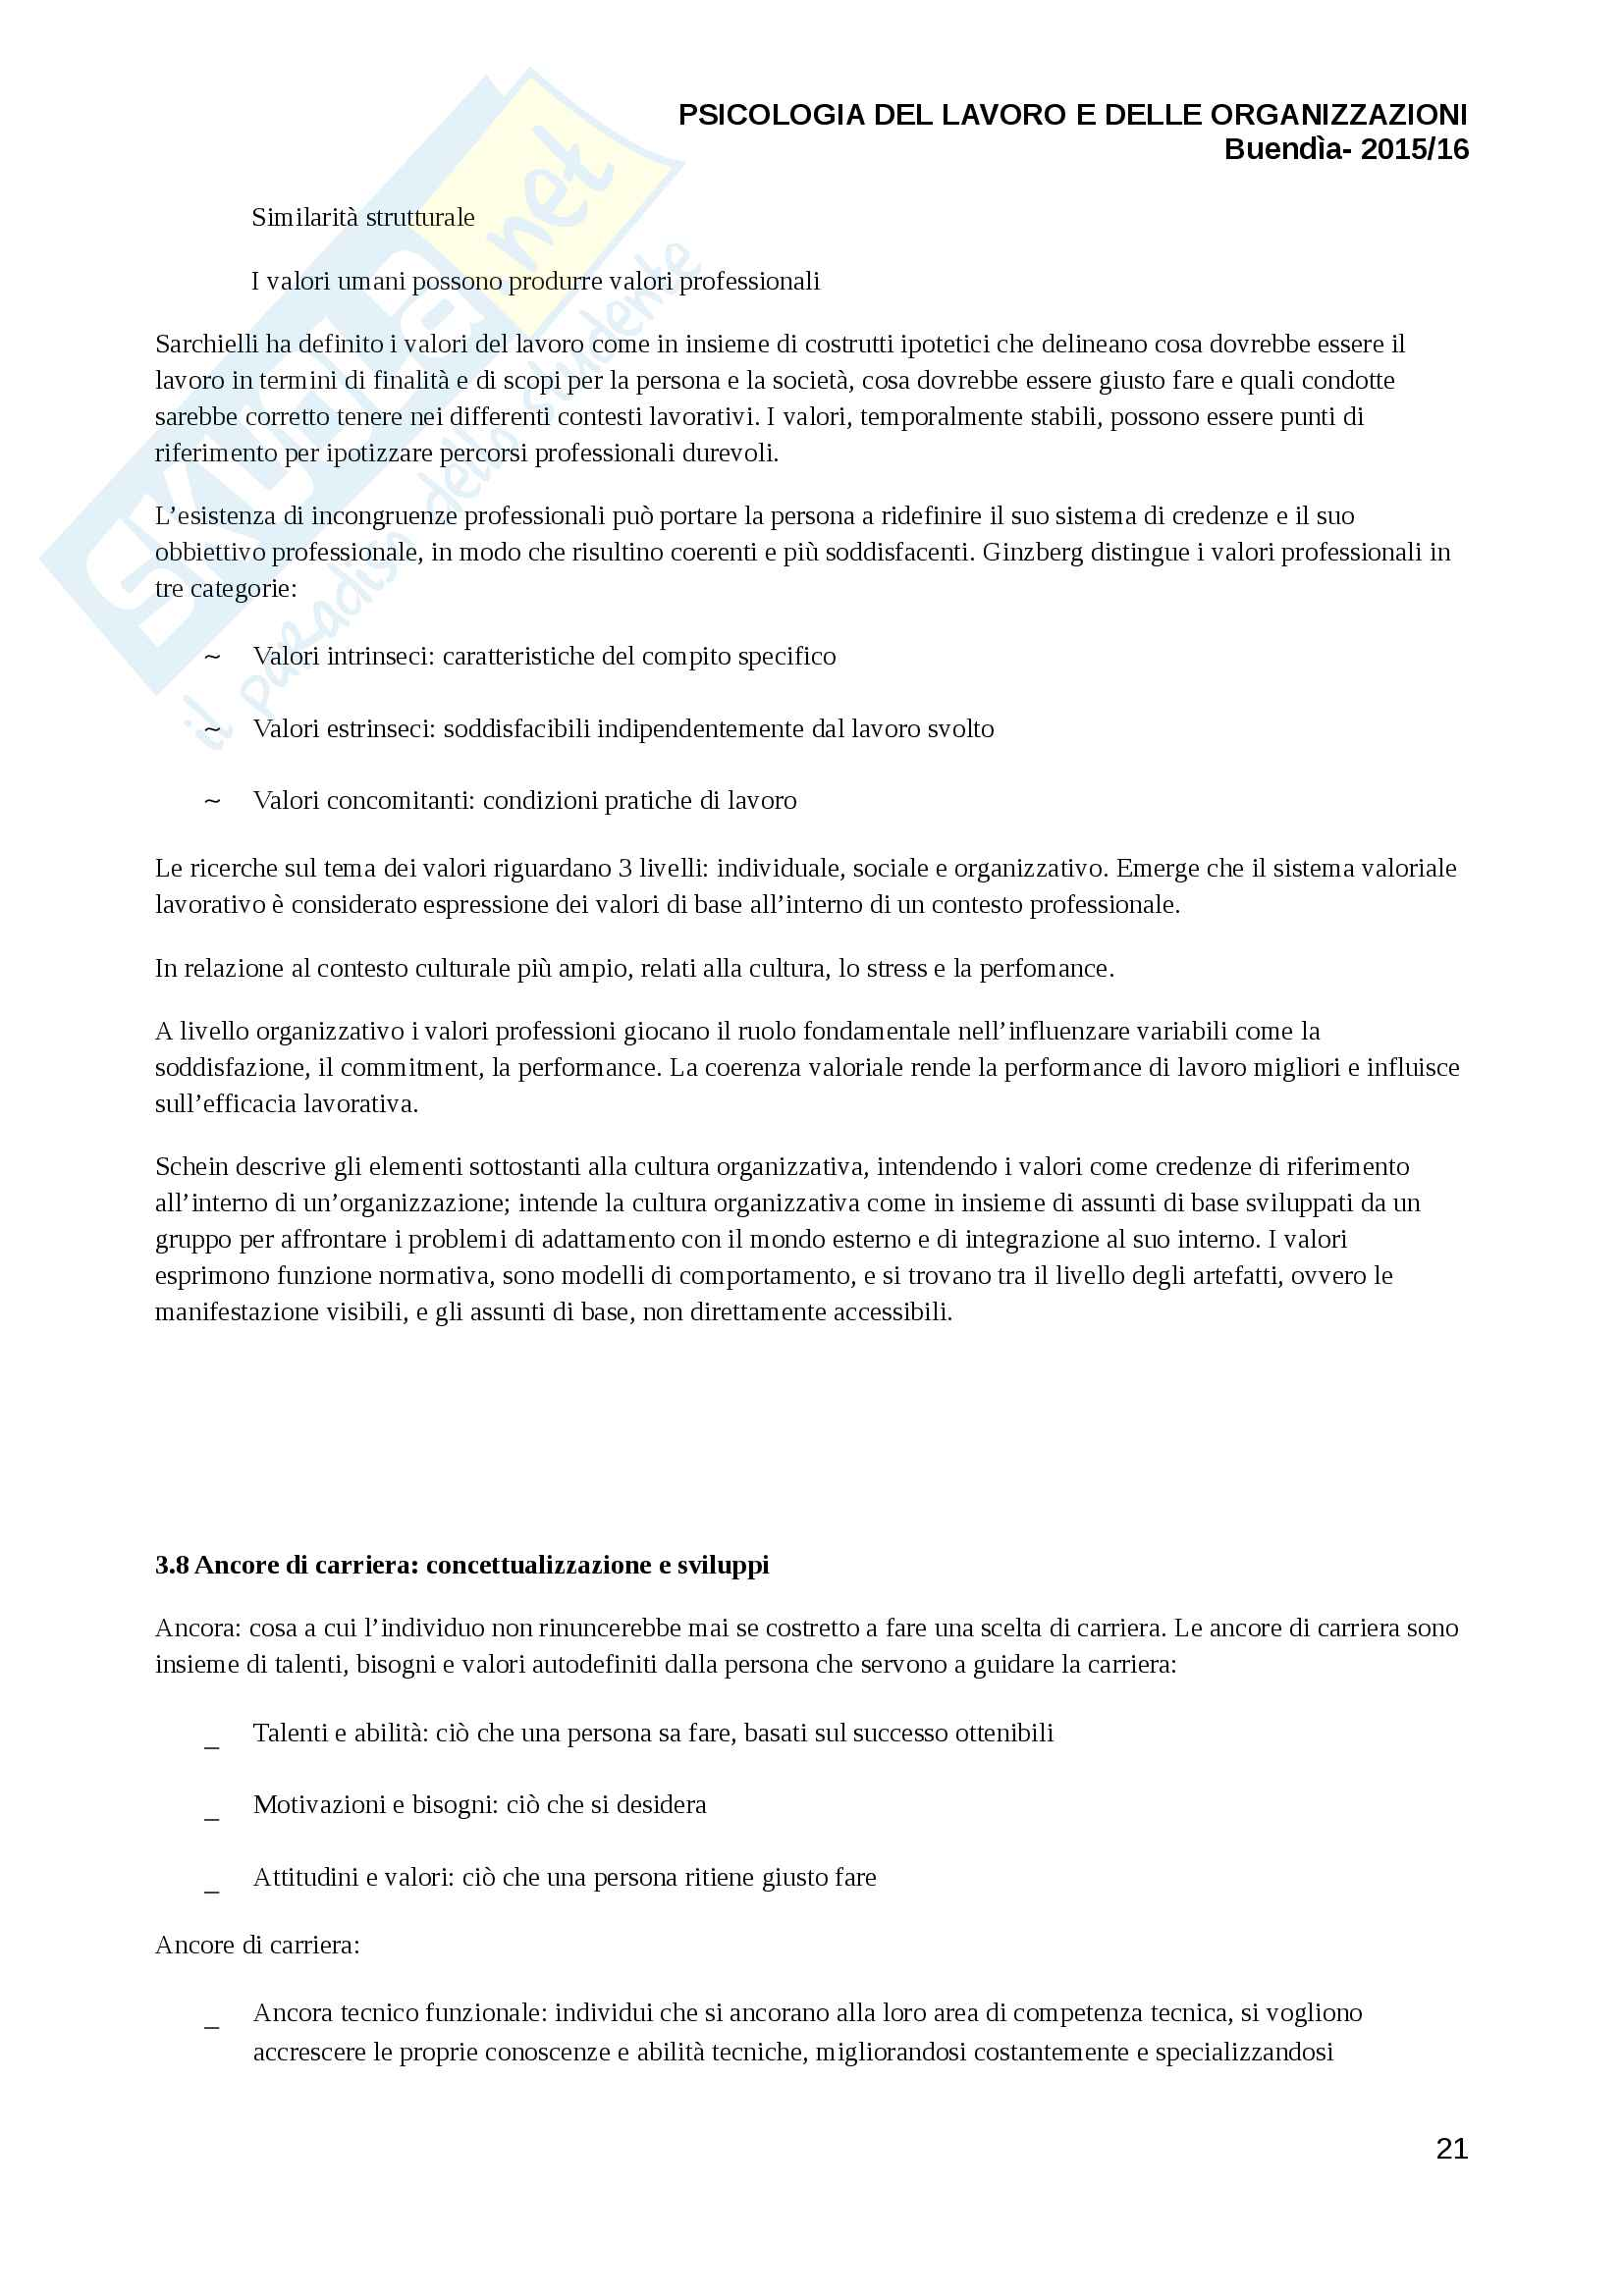 Riassunto esame psicologia del lavoro, prof Luca Vecchio, libro consigliato Psicologia del lavoro e delle organizzazioni, Ashleigh Pag. 21